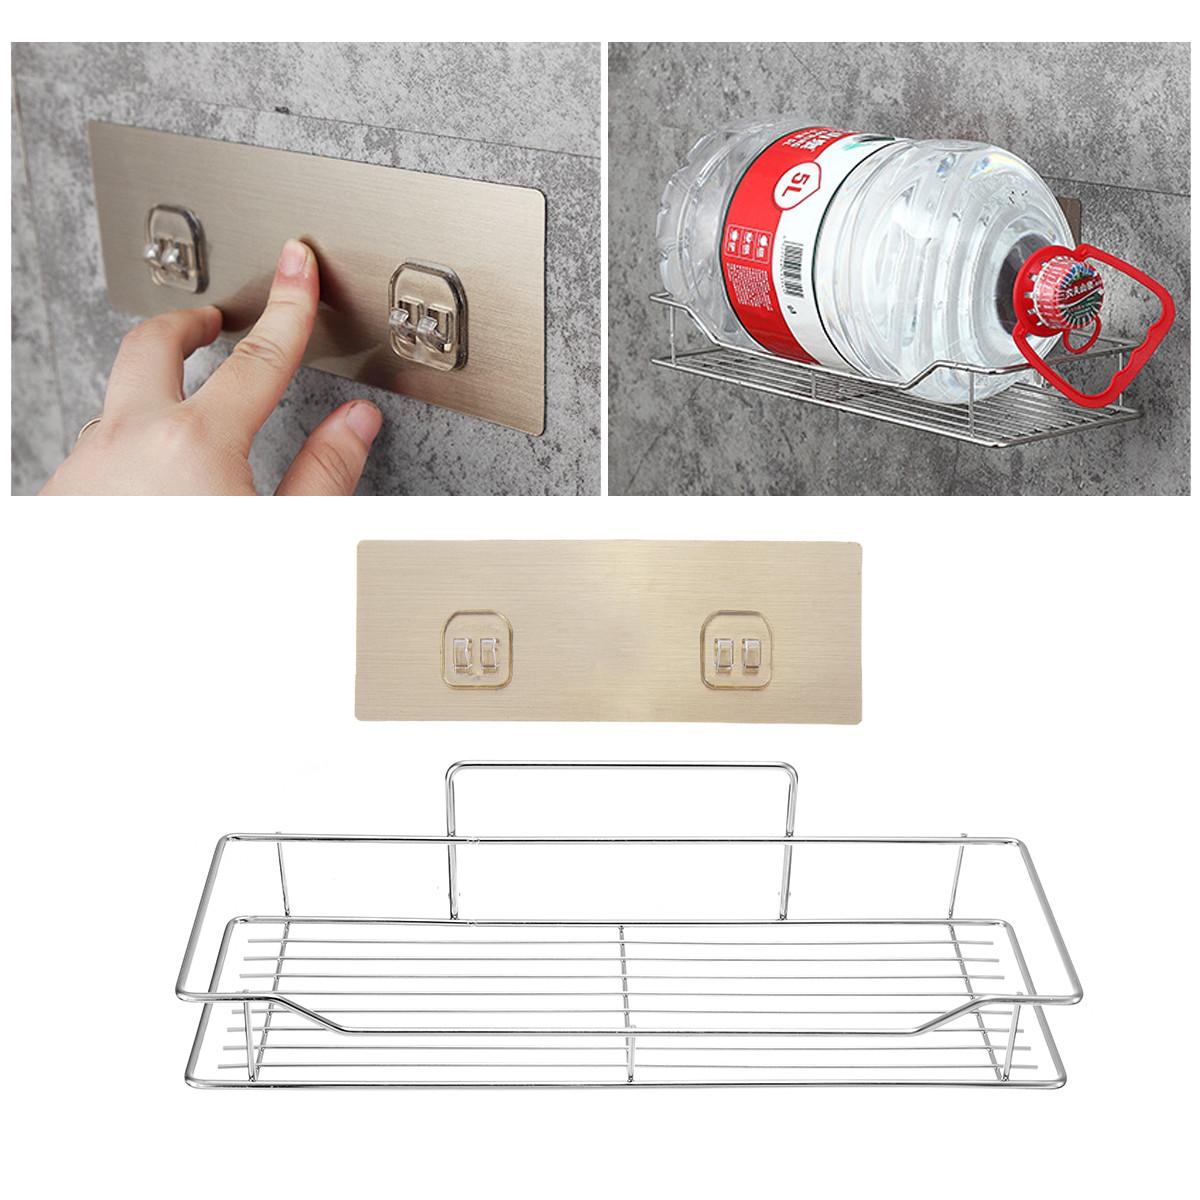 Нержавеющая сталь Ванная комната Кухонная полка для хранения кухонной стойки Корзина для мусора без ржавчины Caddy Tidy - 1TopShop